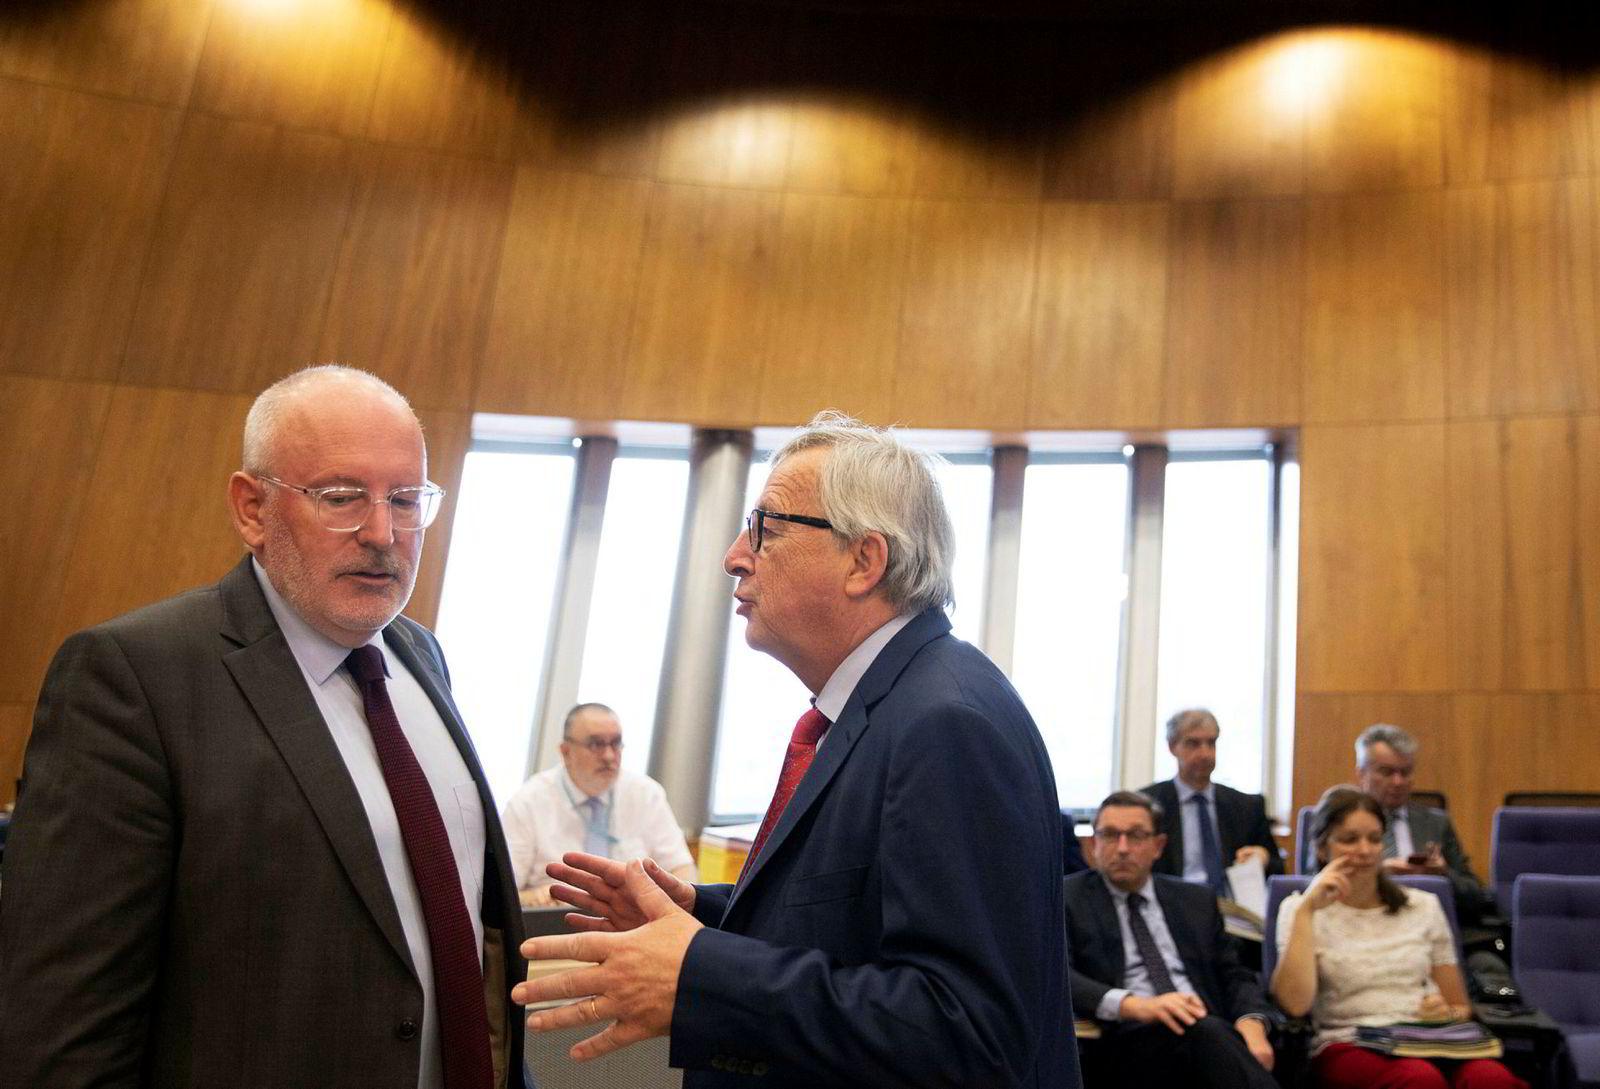 Frans Timmermans (til venstre) er favoritt til å overta som president i Europakommisjonen etter Jean-Claude Juncker.